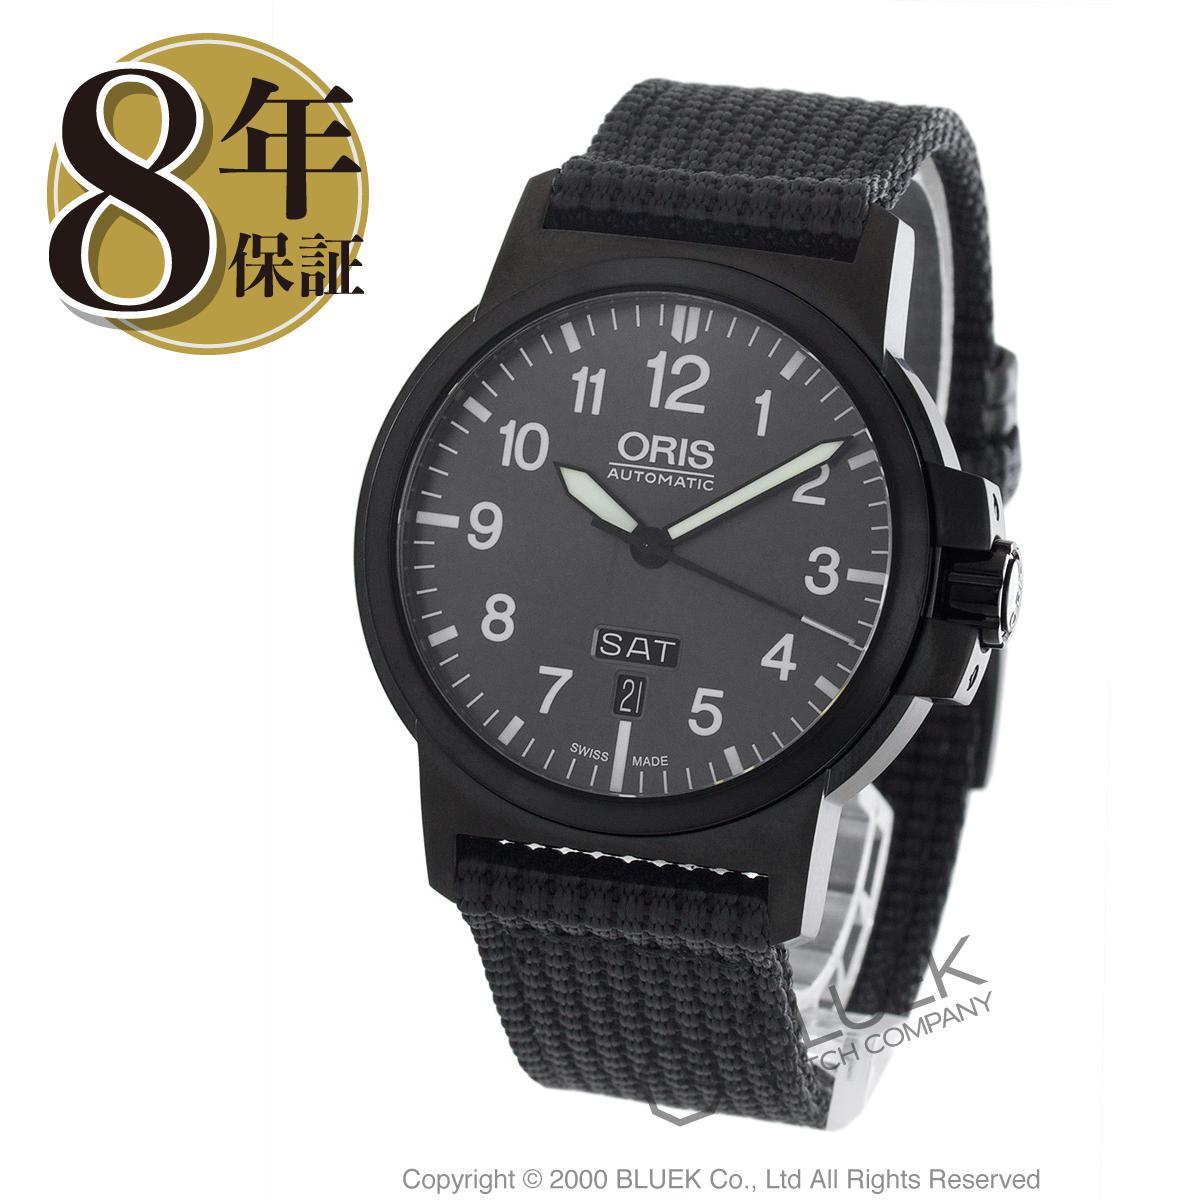 オリス BC3 アドバンスド 腕時計 メンズ ORIS 735 7641 4733F_8